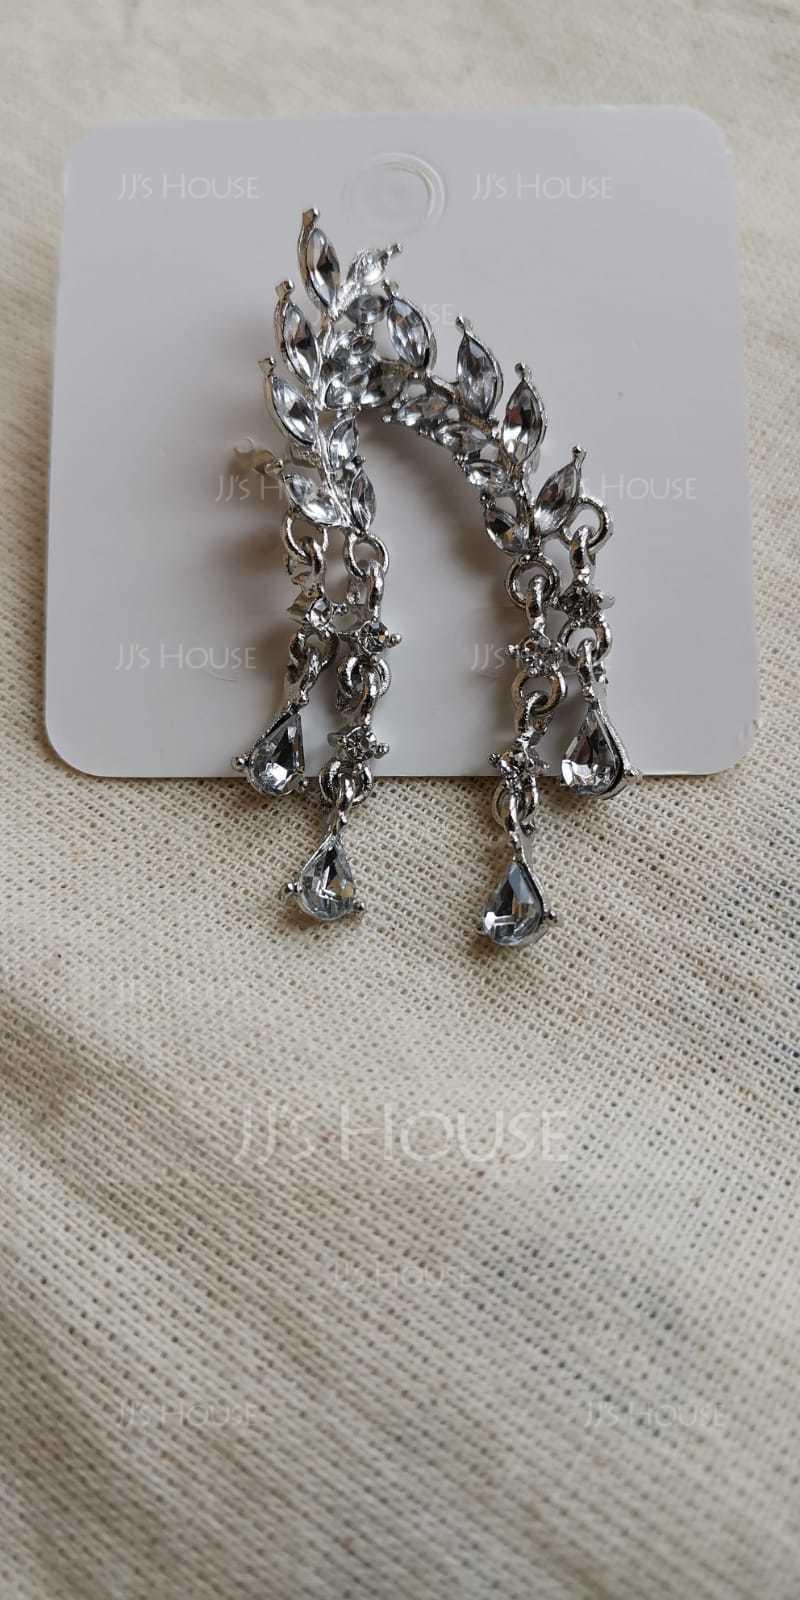 Shining Alloy/Rhinestones Ladies' Earrings (011129644)